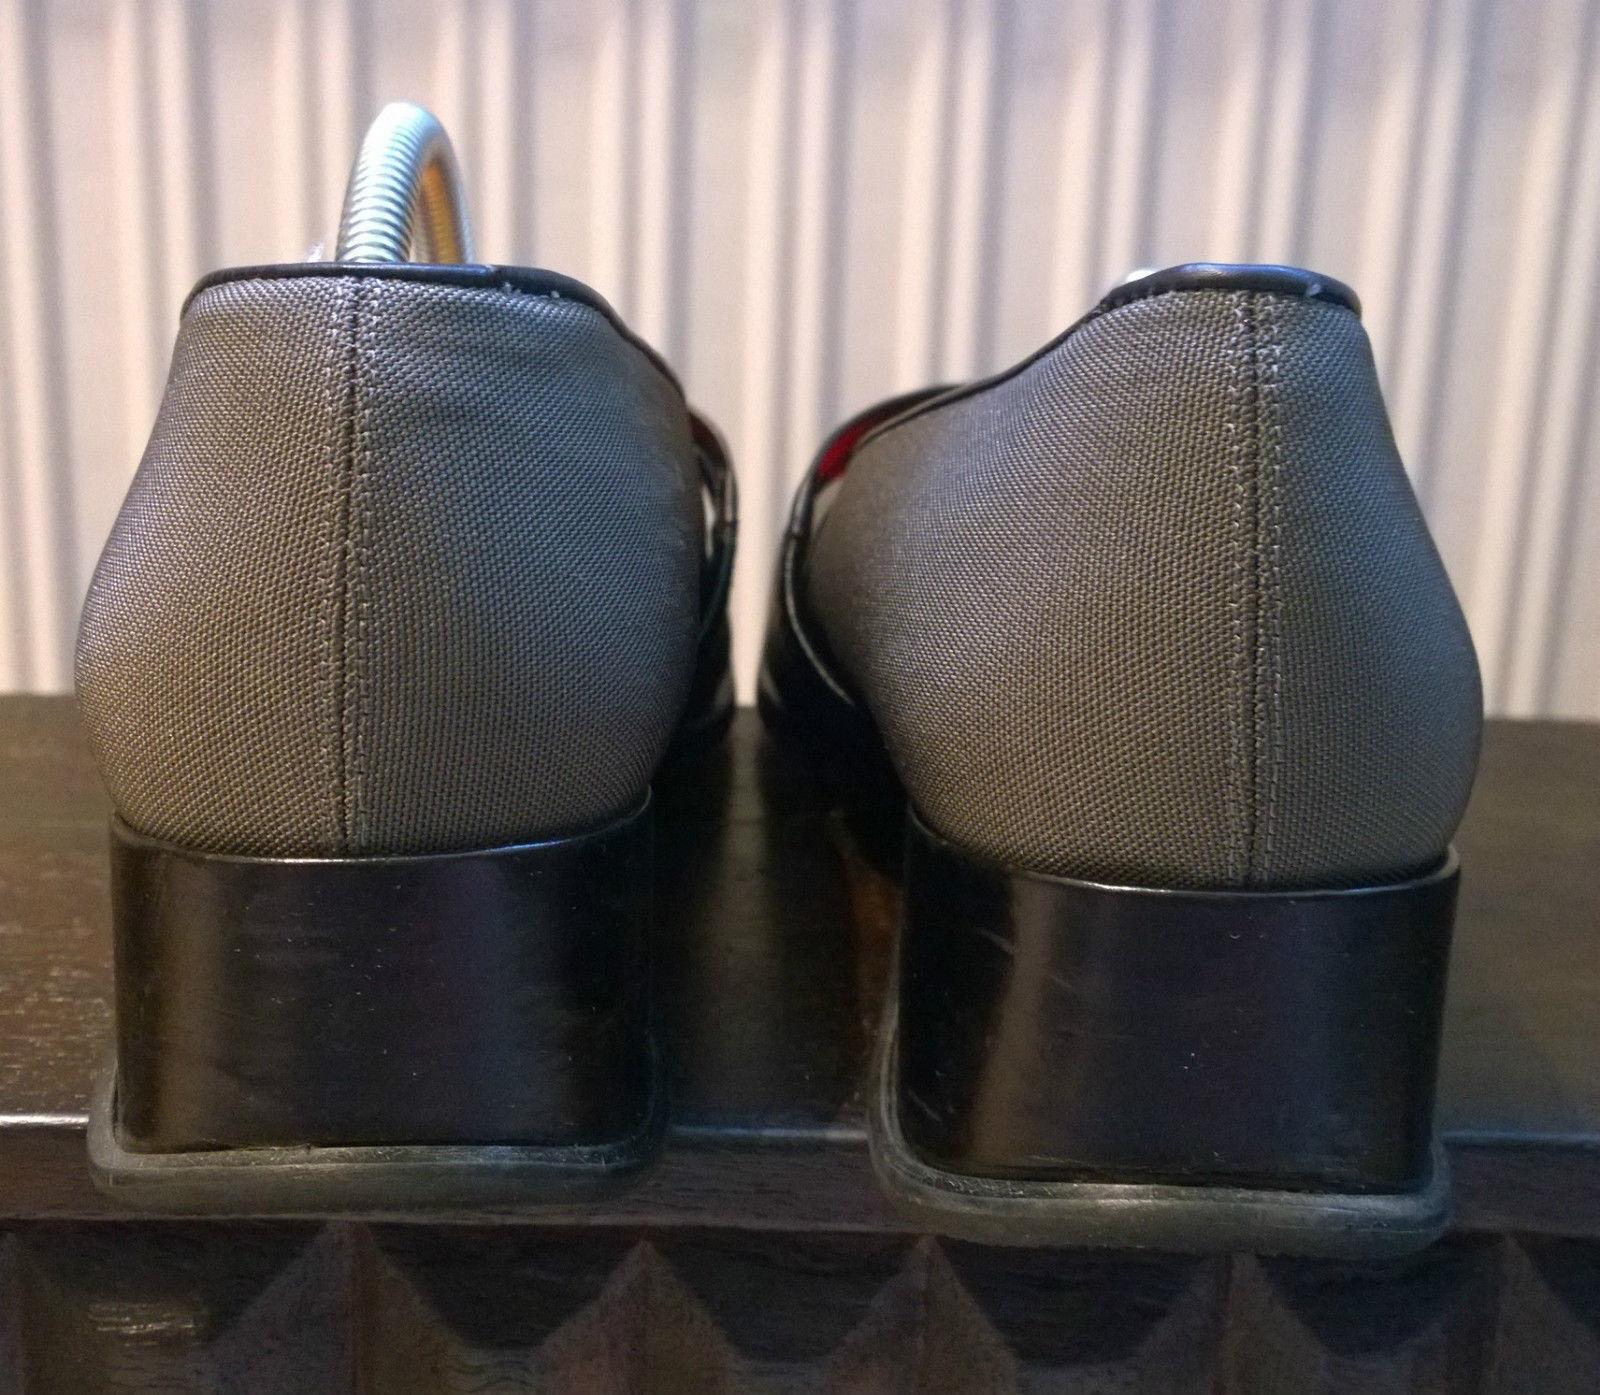 Schicke Halbschuhe AUDLEY Camel Patent grau schwarz schwarz schwarz Größe 40 TOP b3ea1c